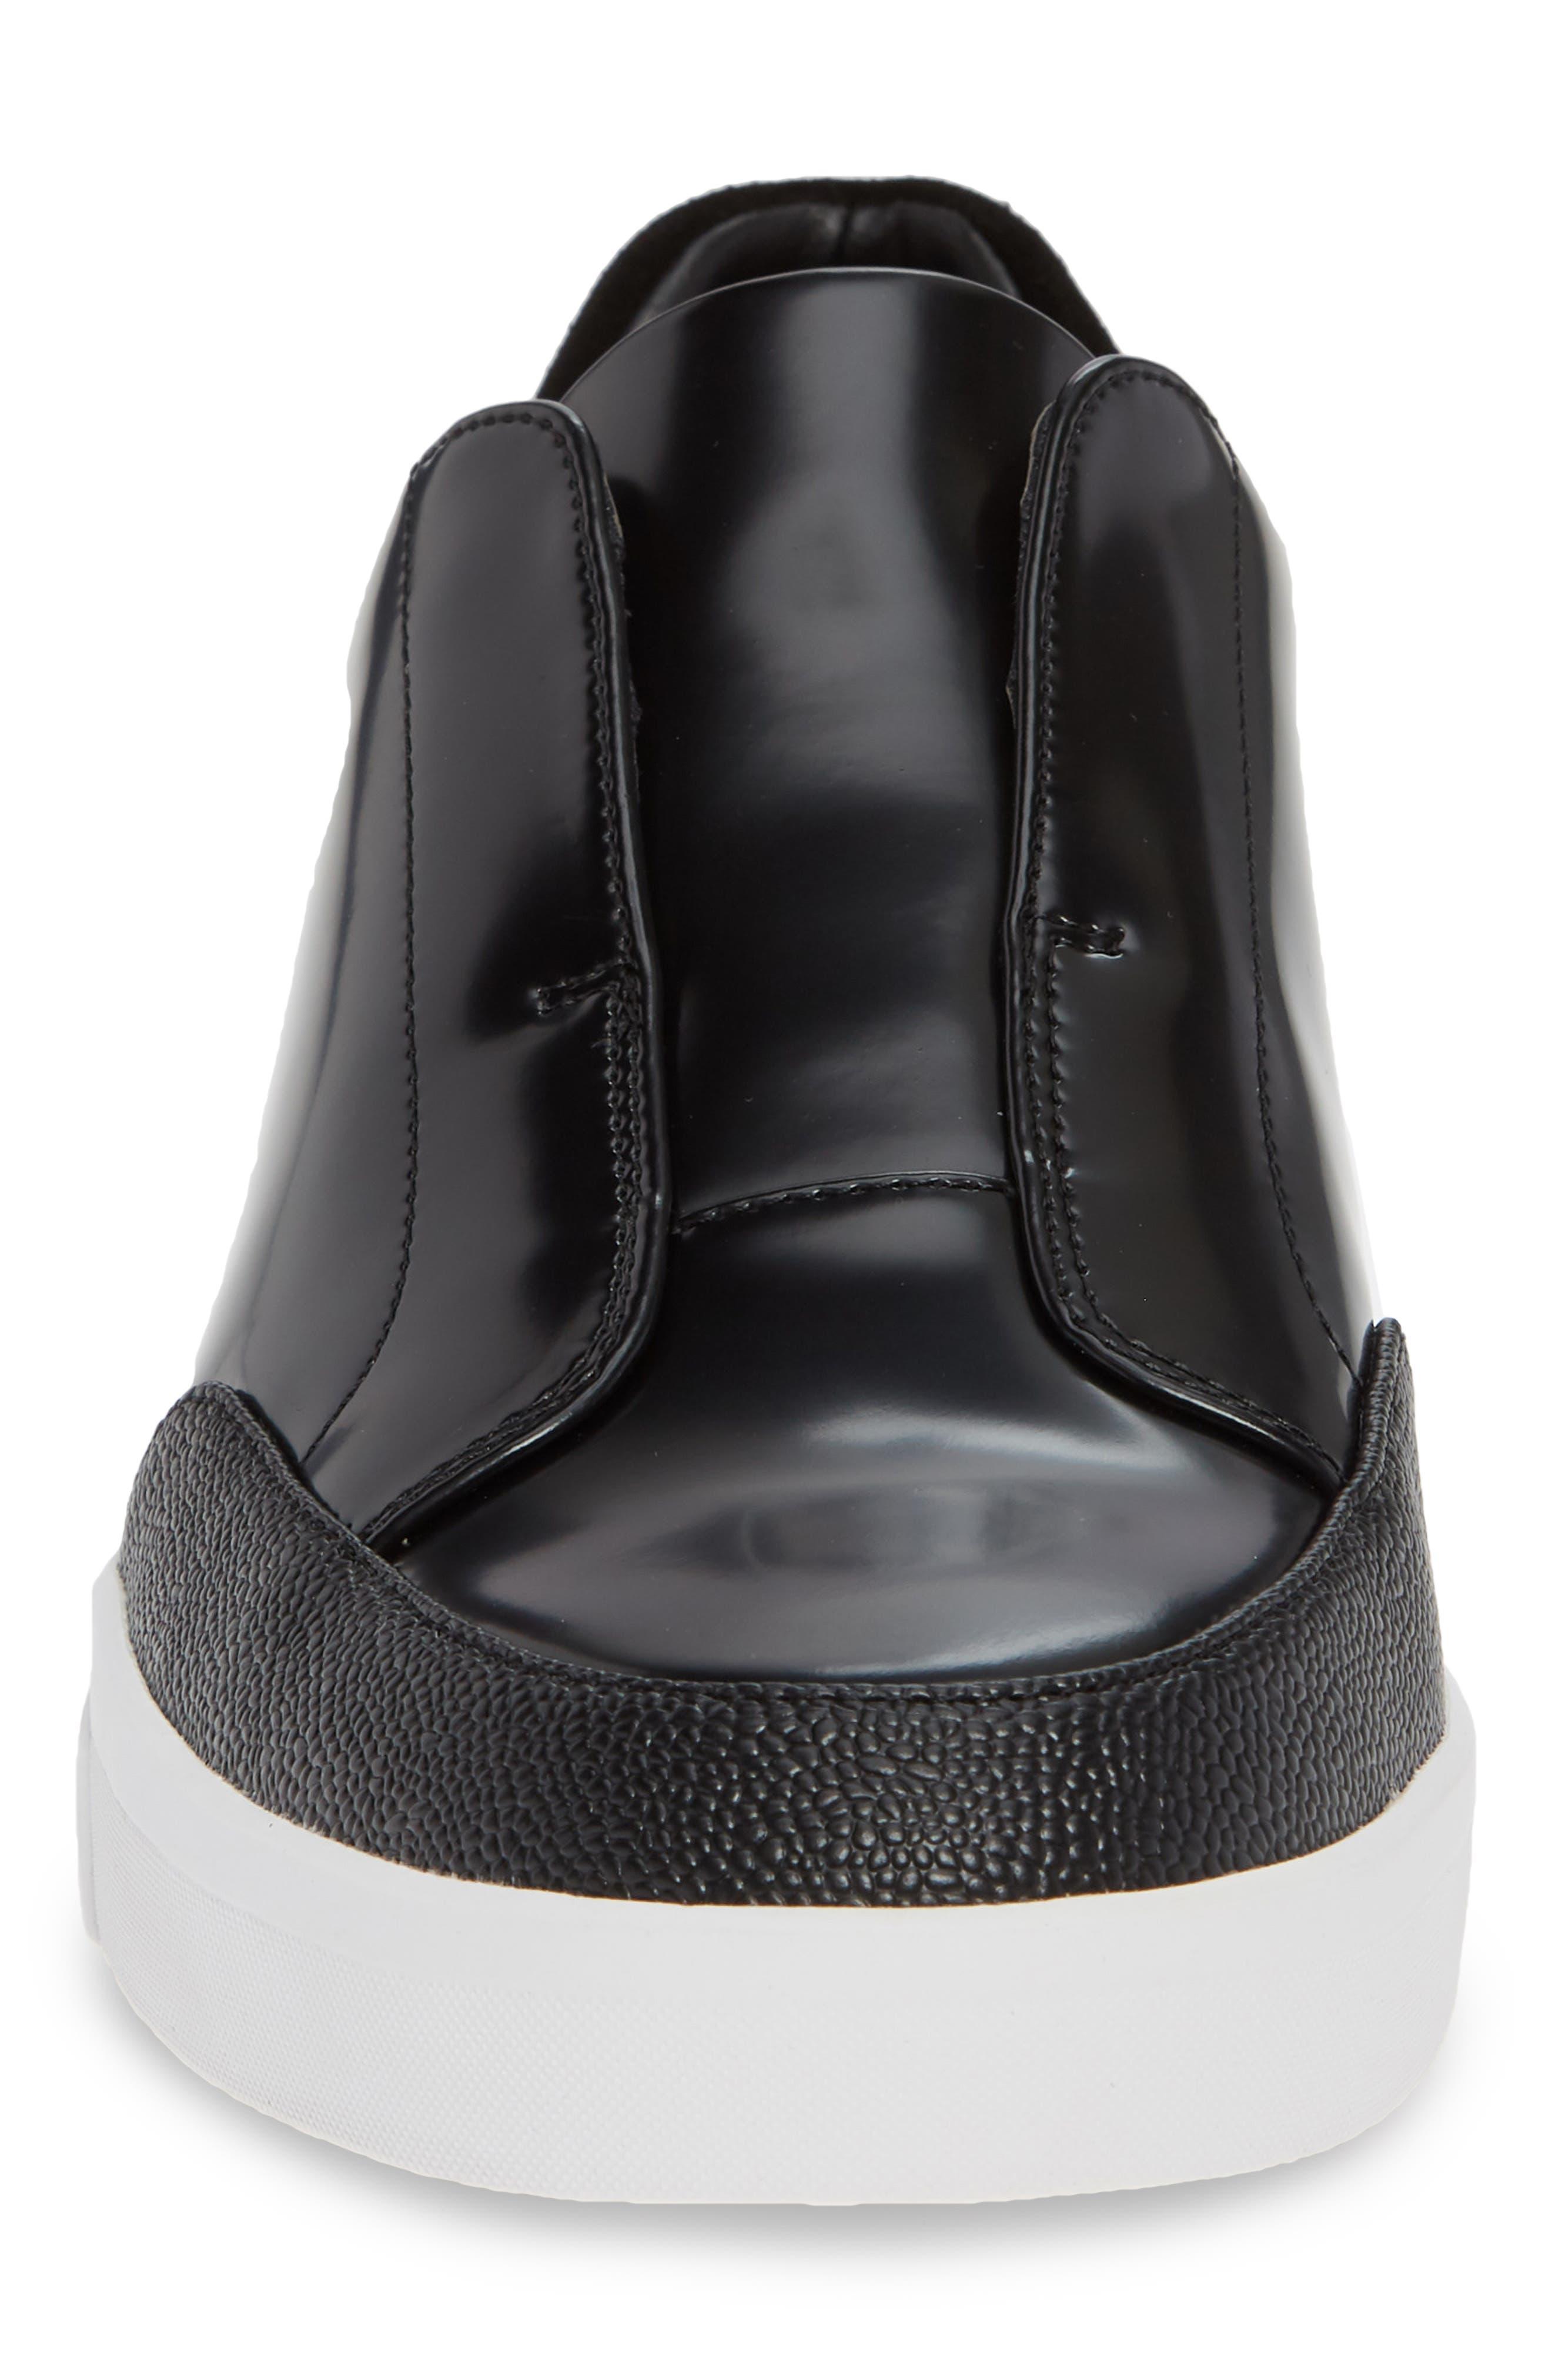 CALVIN KLEIN, Immanuel Slip-On Sneaker, Alternate thumbnail 4, color, BLACK LEATHER